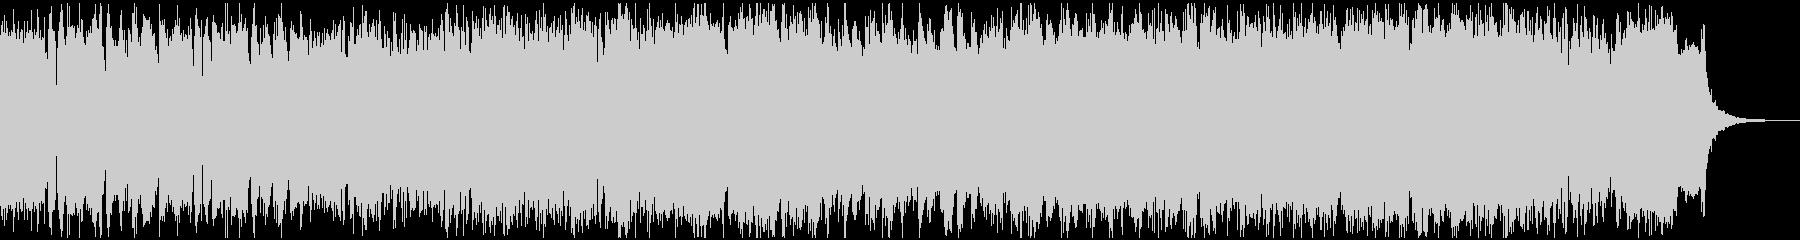 テクニカルでエモーショナルなマスロックの未再生の波形